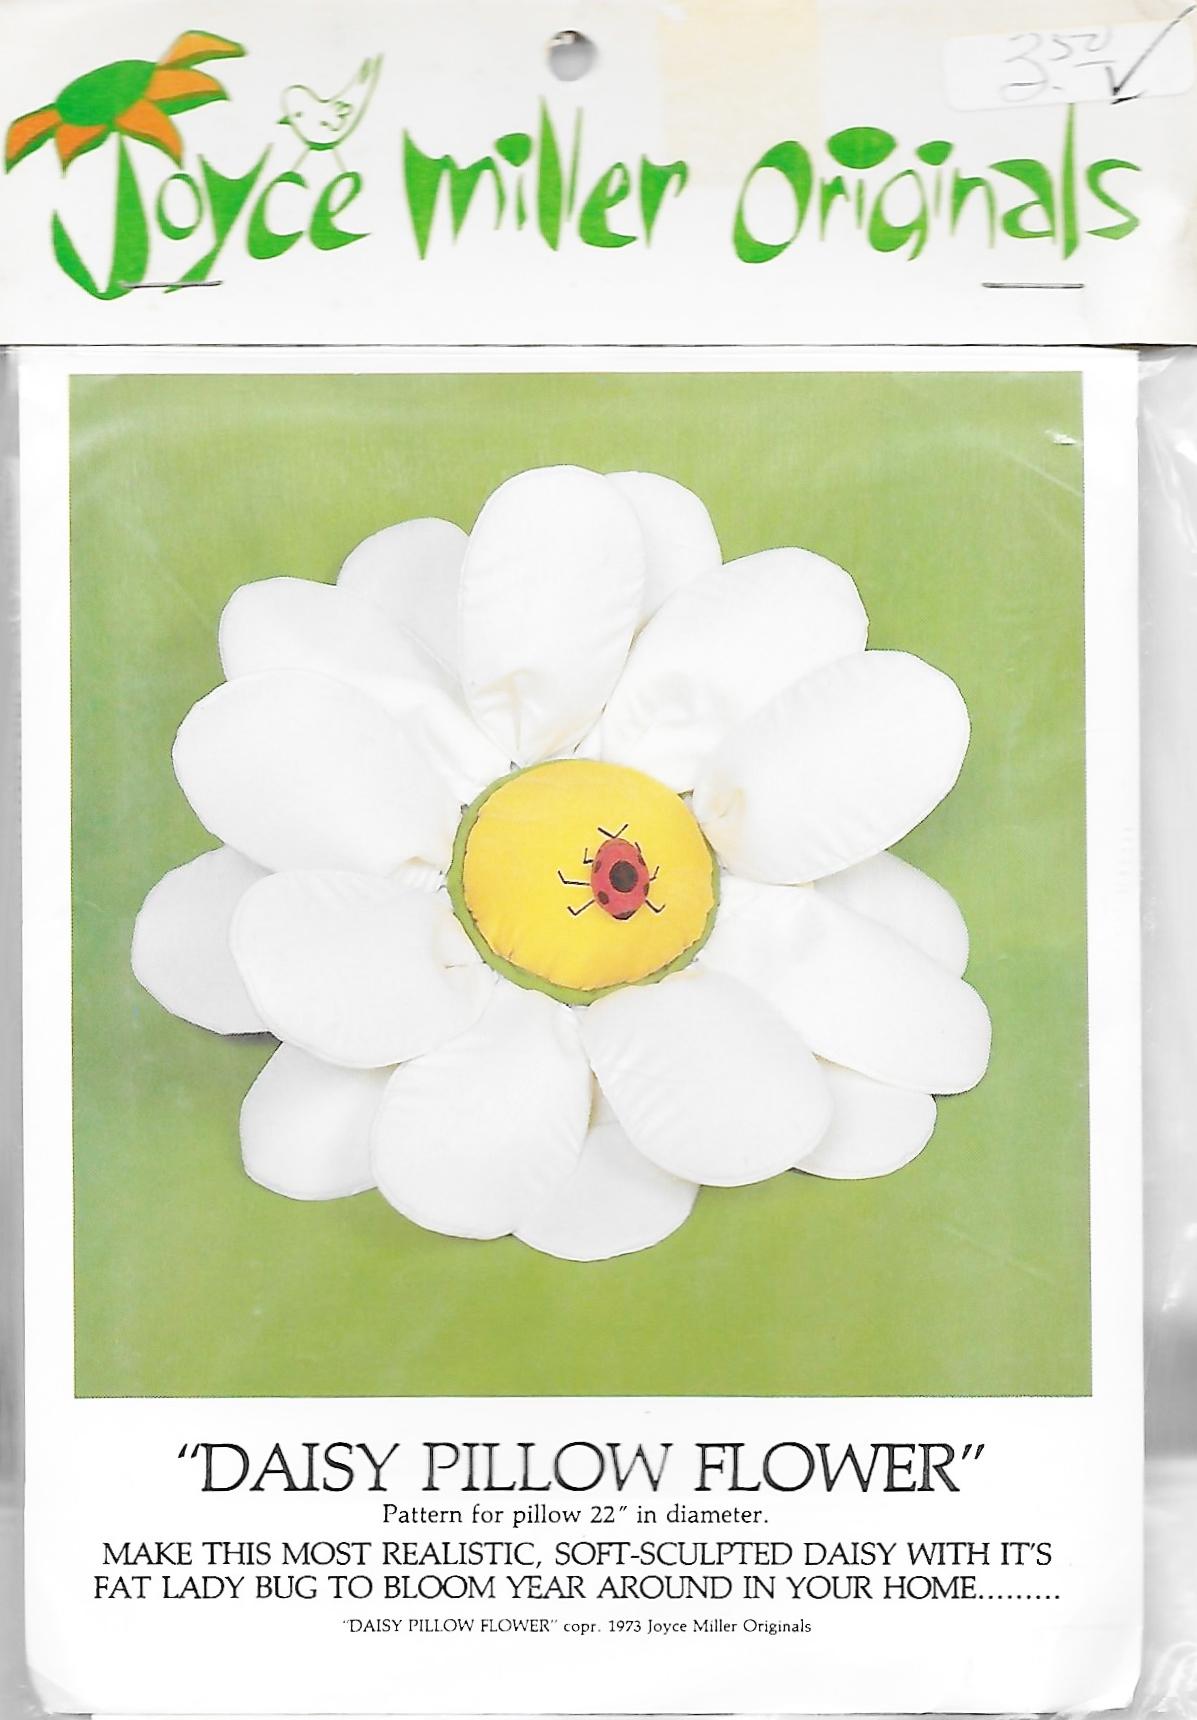 Joyce Miller Originals Daisy Pillow Flower